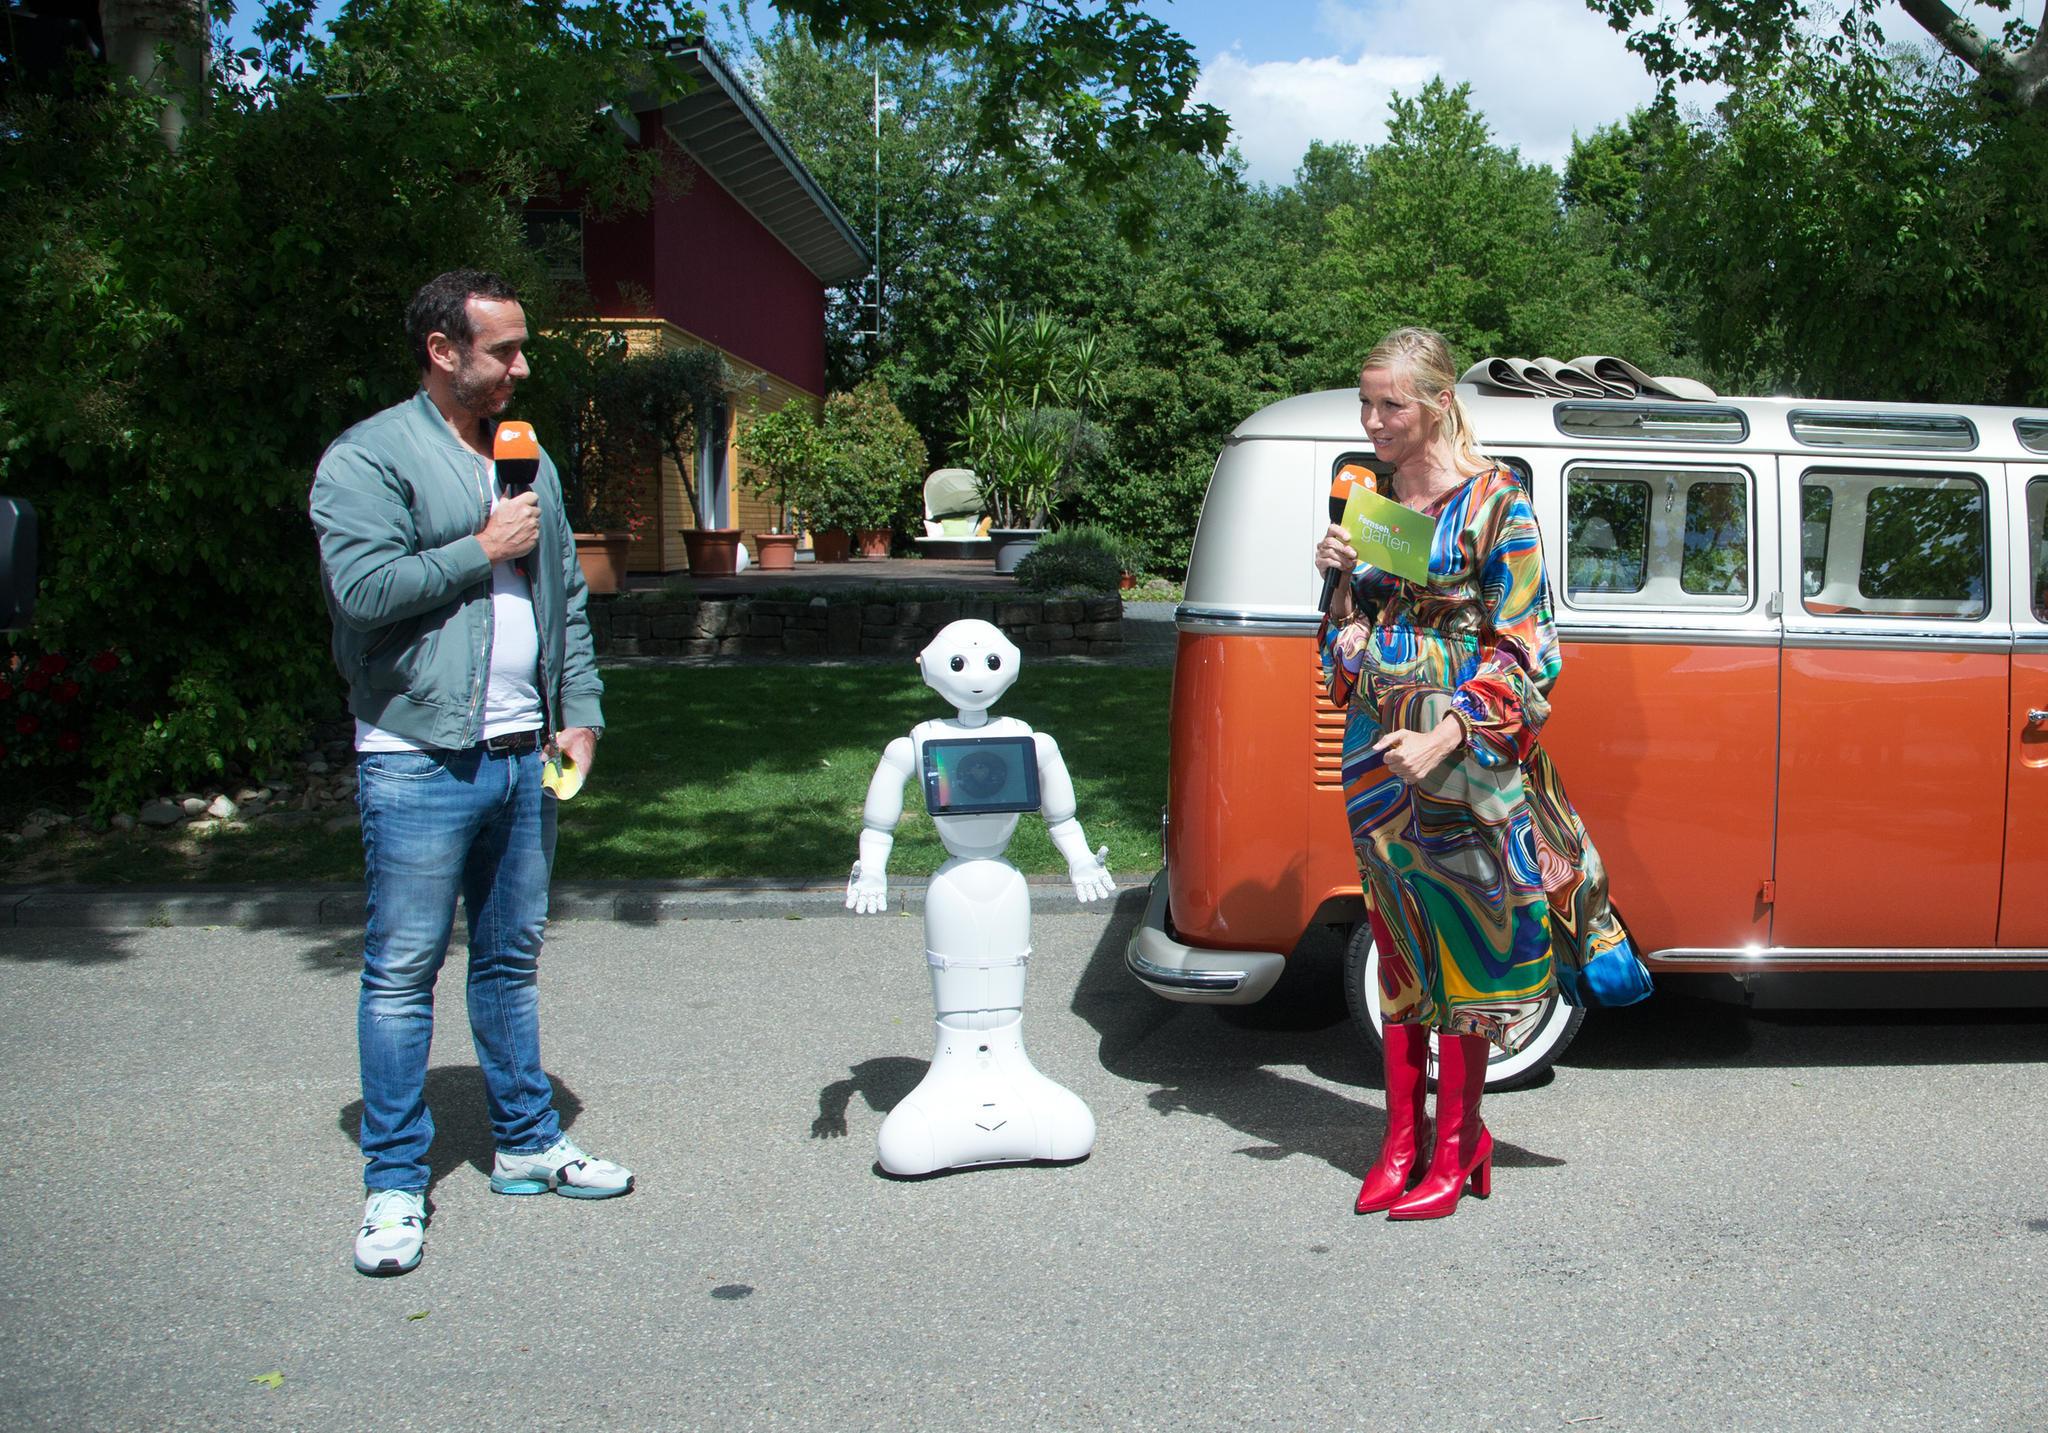 Andrea Kiewel moderiert den ZDF-Fernsehgarten am 24. Mai 2020 in einem farbenfrohen Kleid – und sorgt für Diskussionen im Netz.